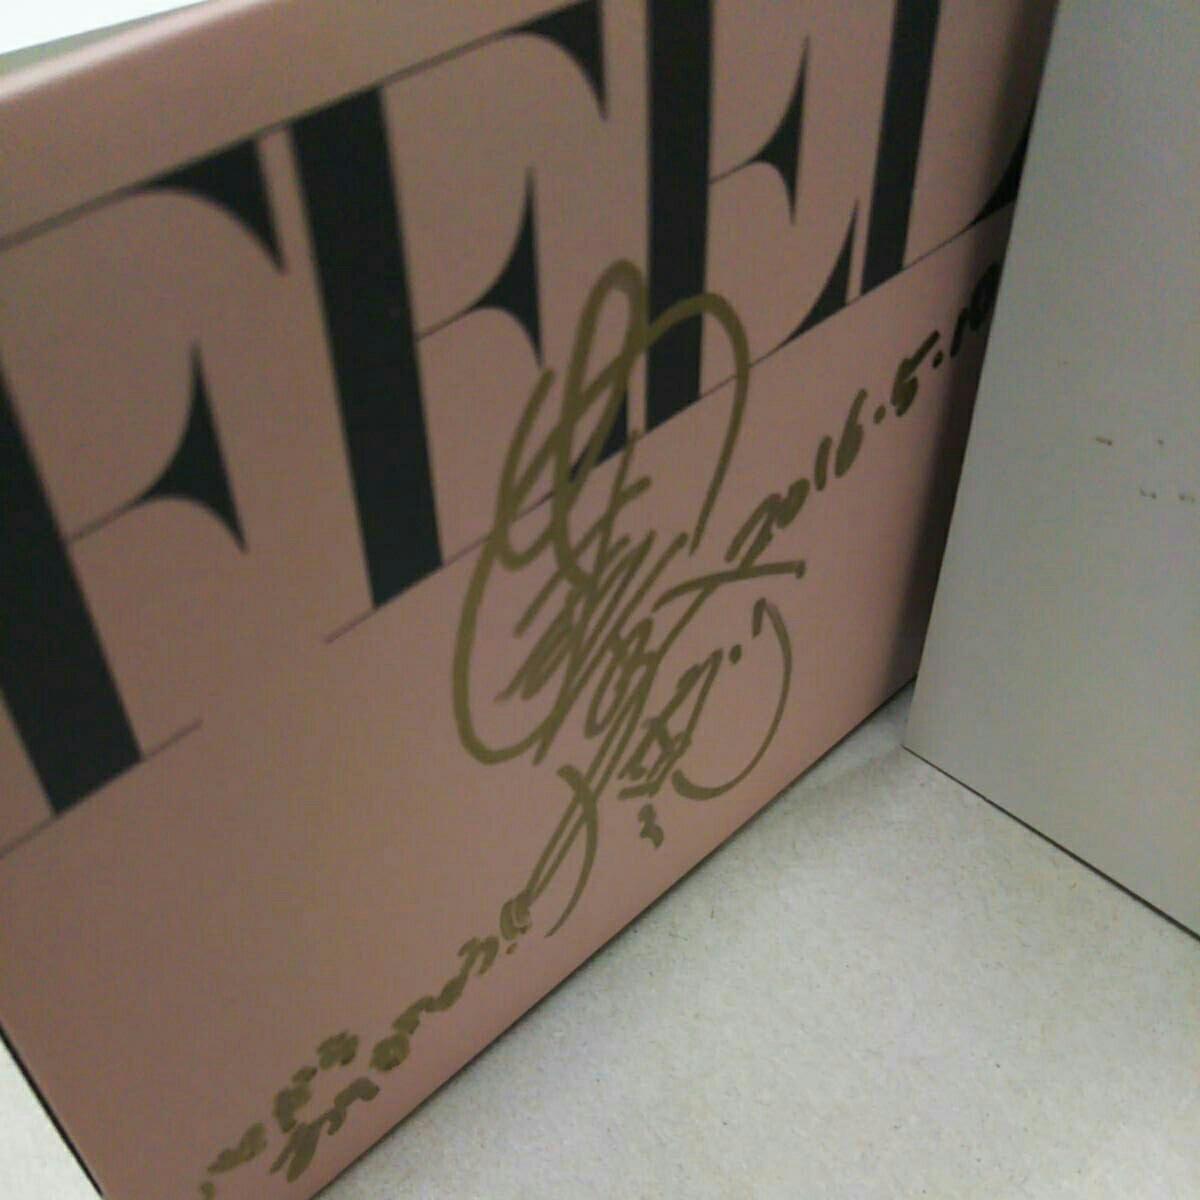 安室奈美恵さんFEEL直筆サインメッセージ、日付入りの一点物、初版プレスです。_画像5